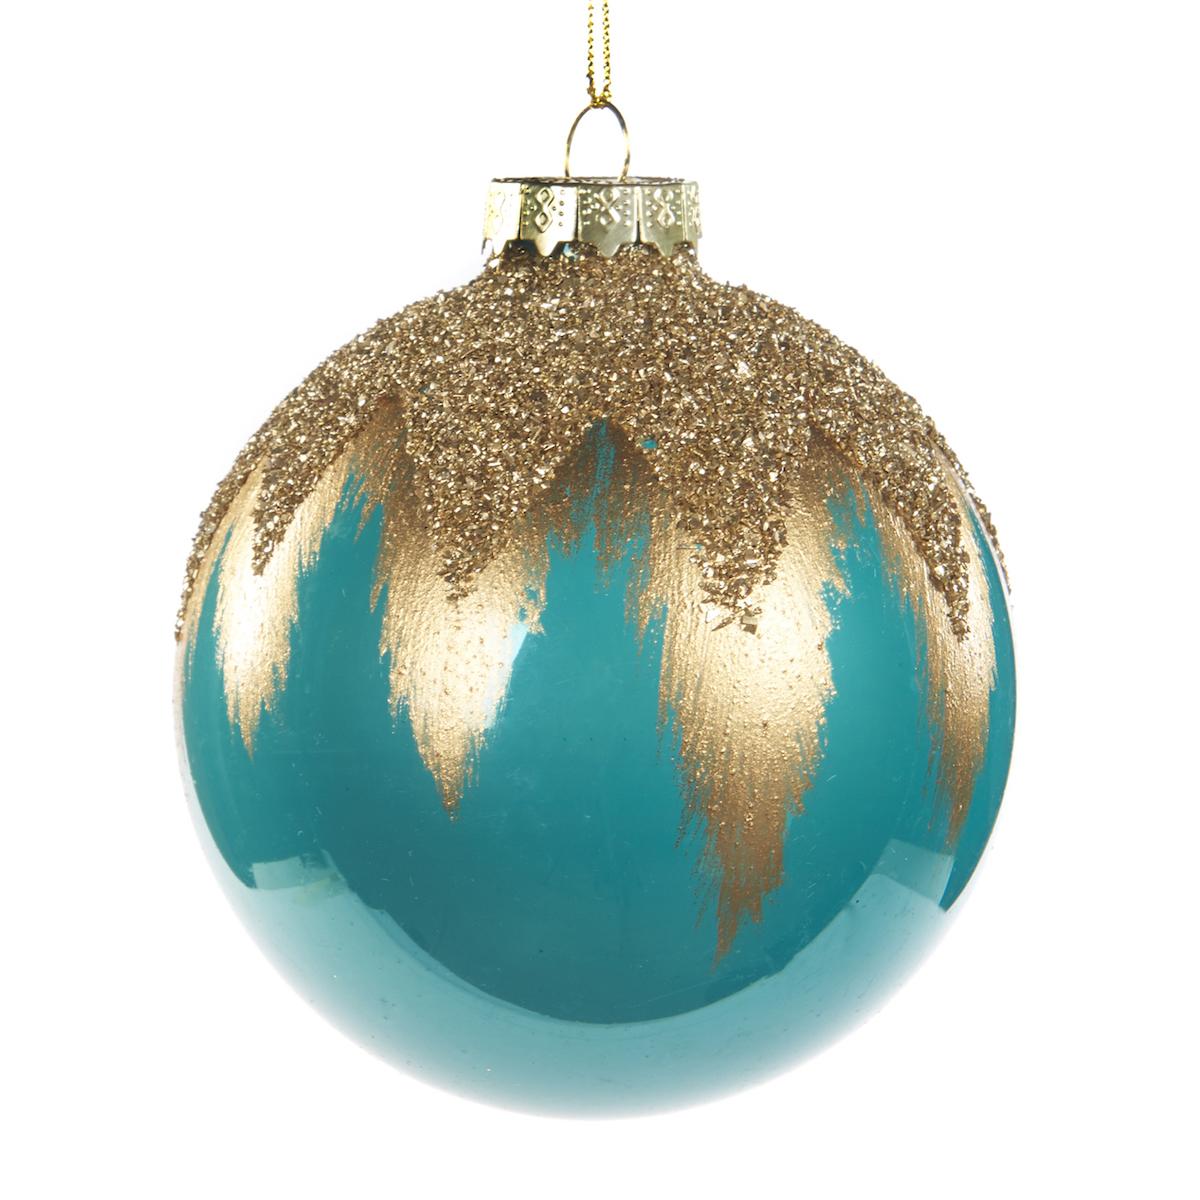 weihnachtskugel aus glas farbe t rkis mit golddetails. Black Bedroom Furniture Sets. Home Design Ideas